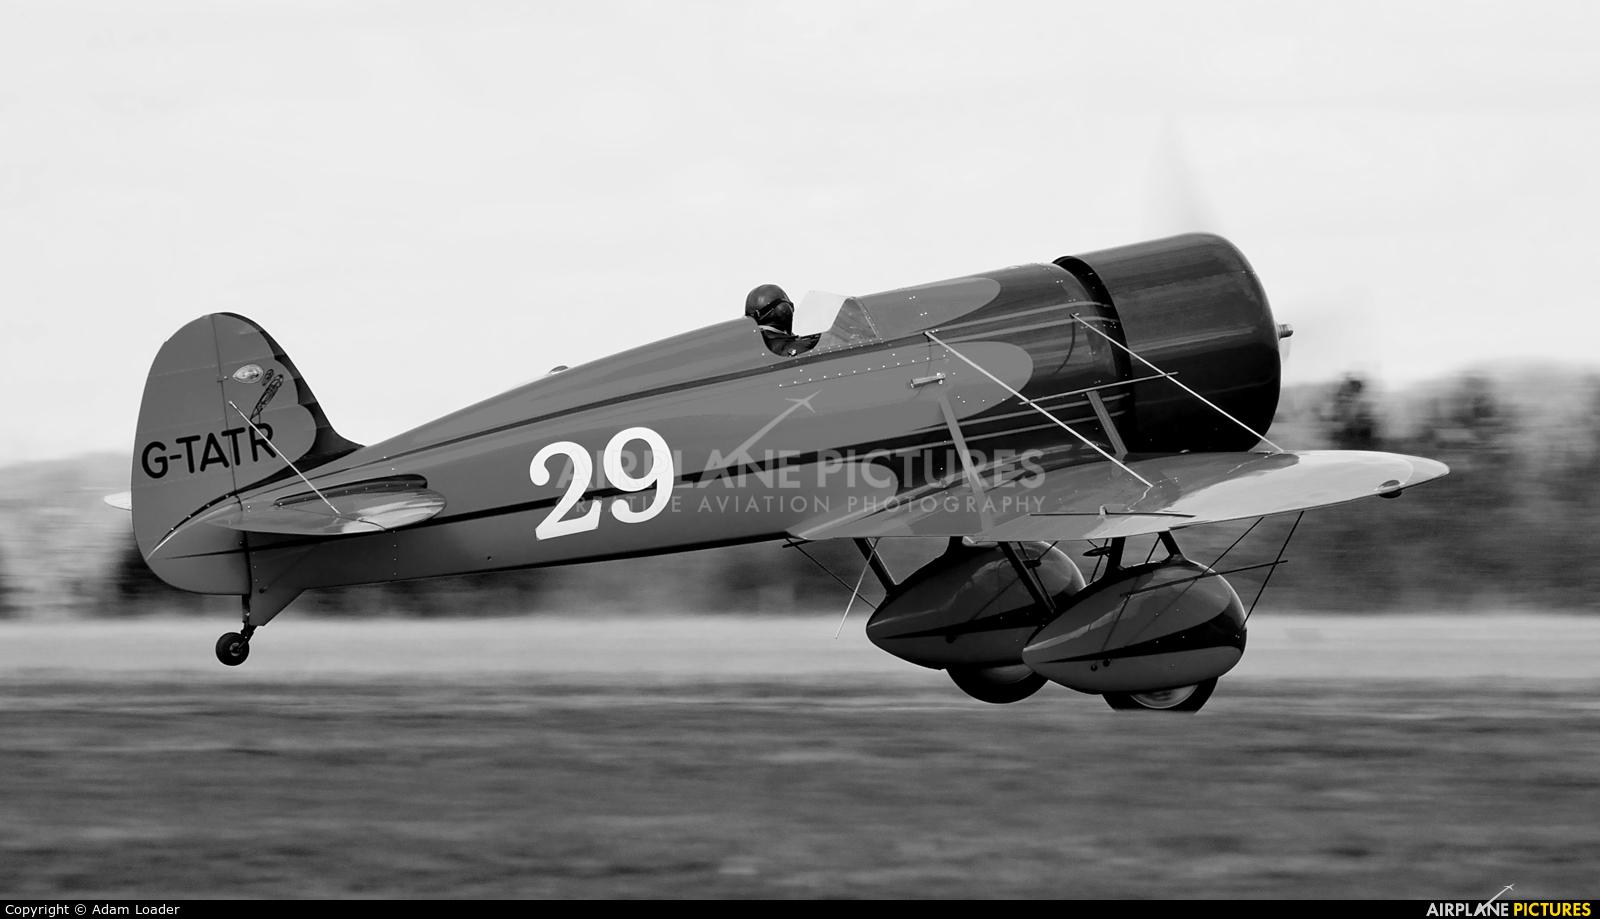 Private G-TATR aircraft at Turweston